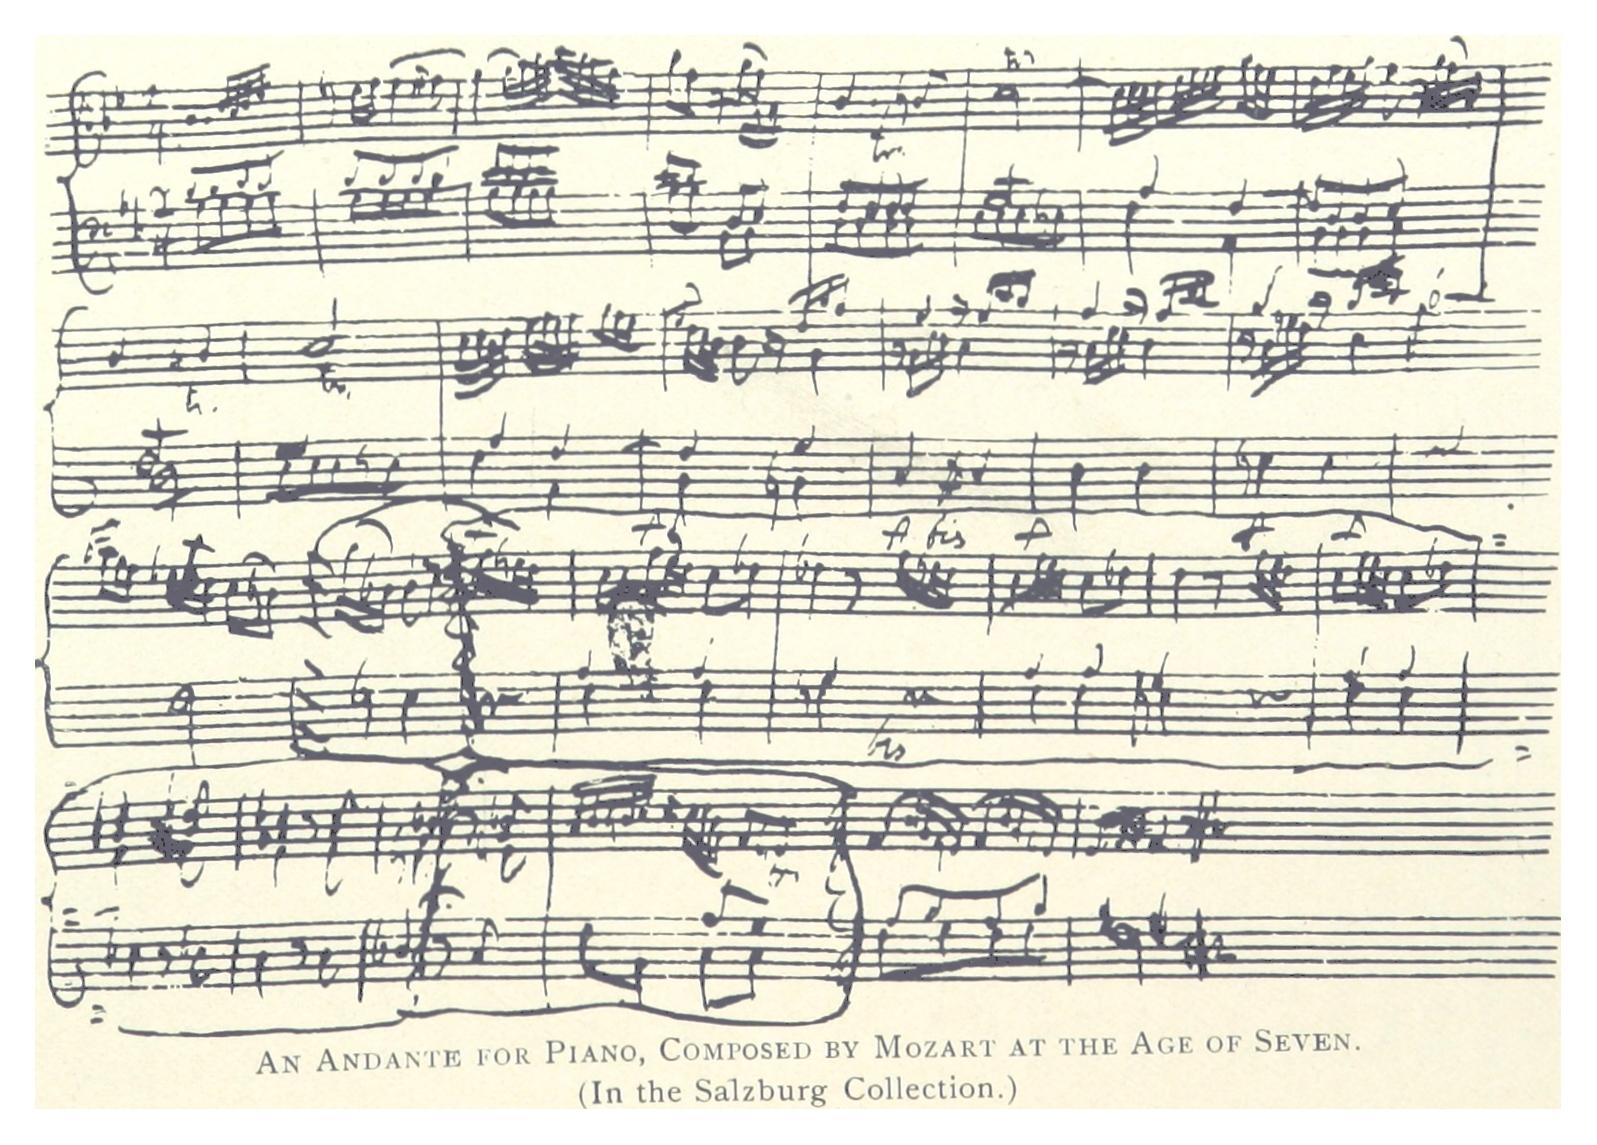 ELSON(1891) p137 Notenblatt von MOZART, in der Salzburger Sammlung.jpg